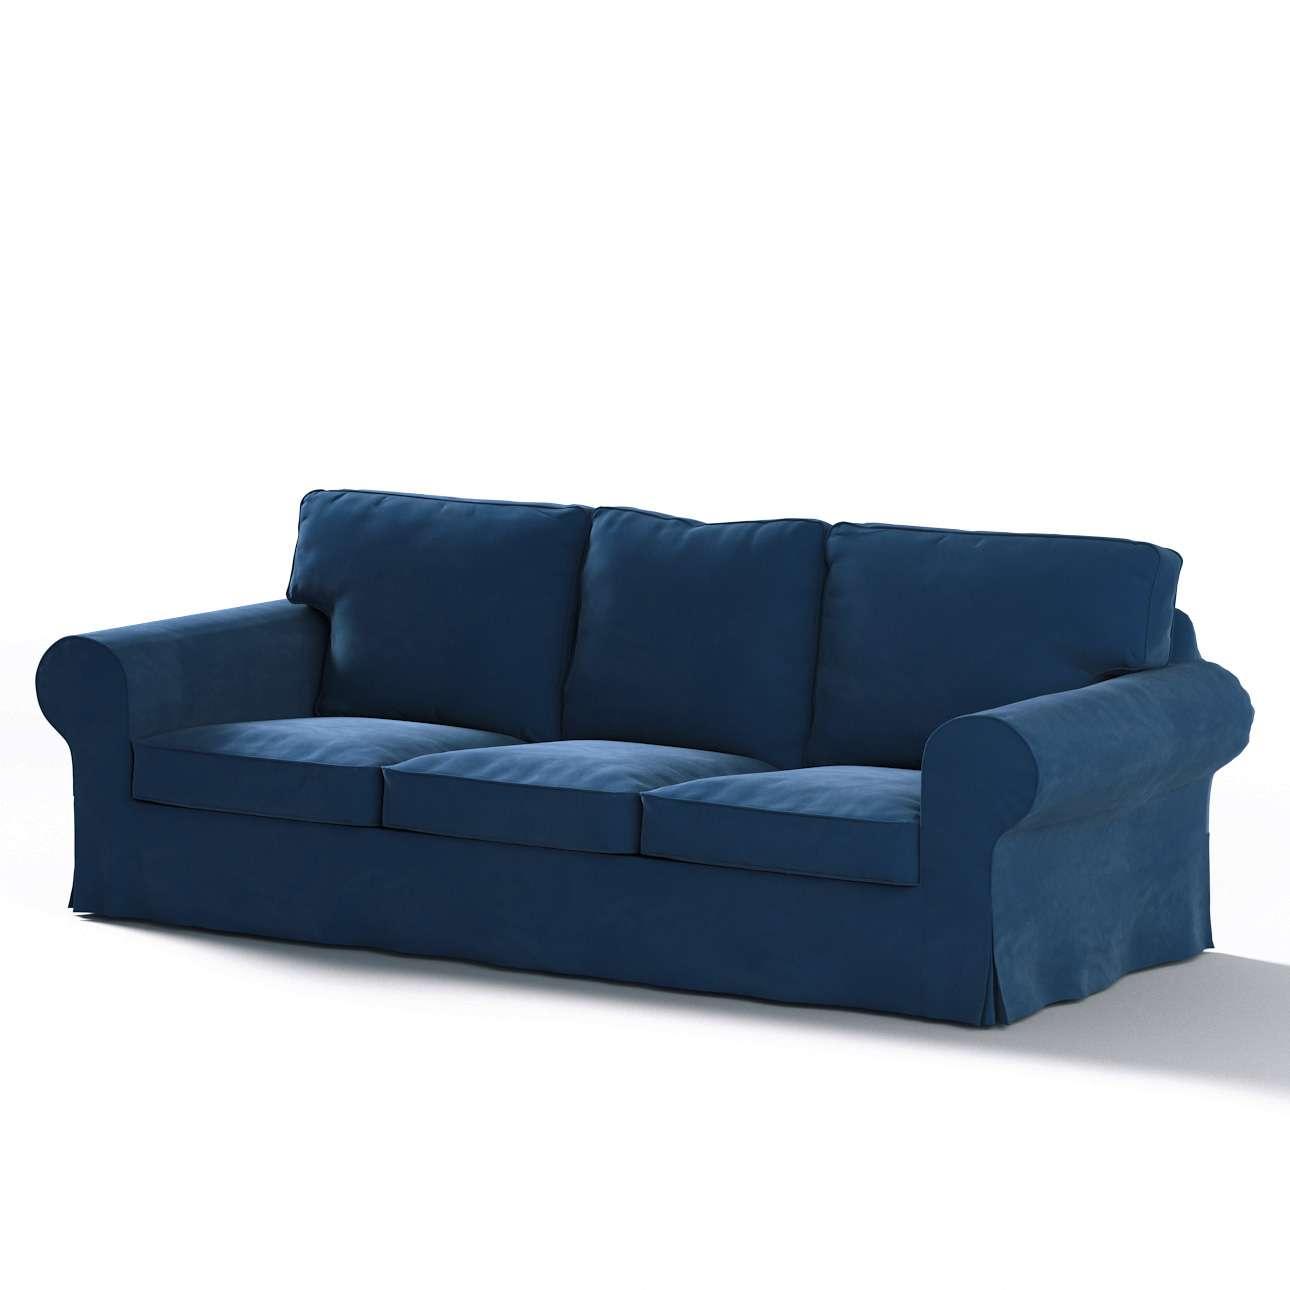 Pokrowiec na sofę Ektorp 3-osobową, rozkładaną w kolekcji Velvet, tkanina: 704-29